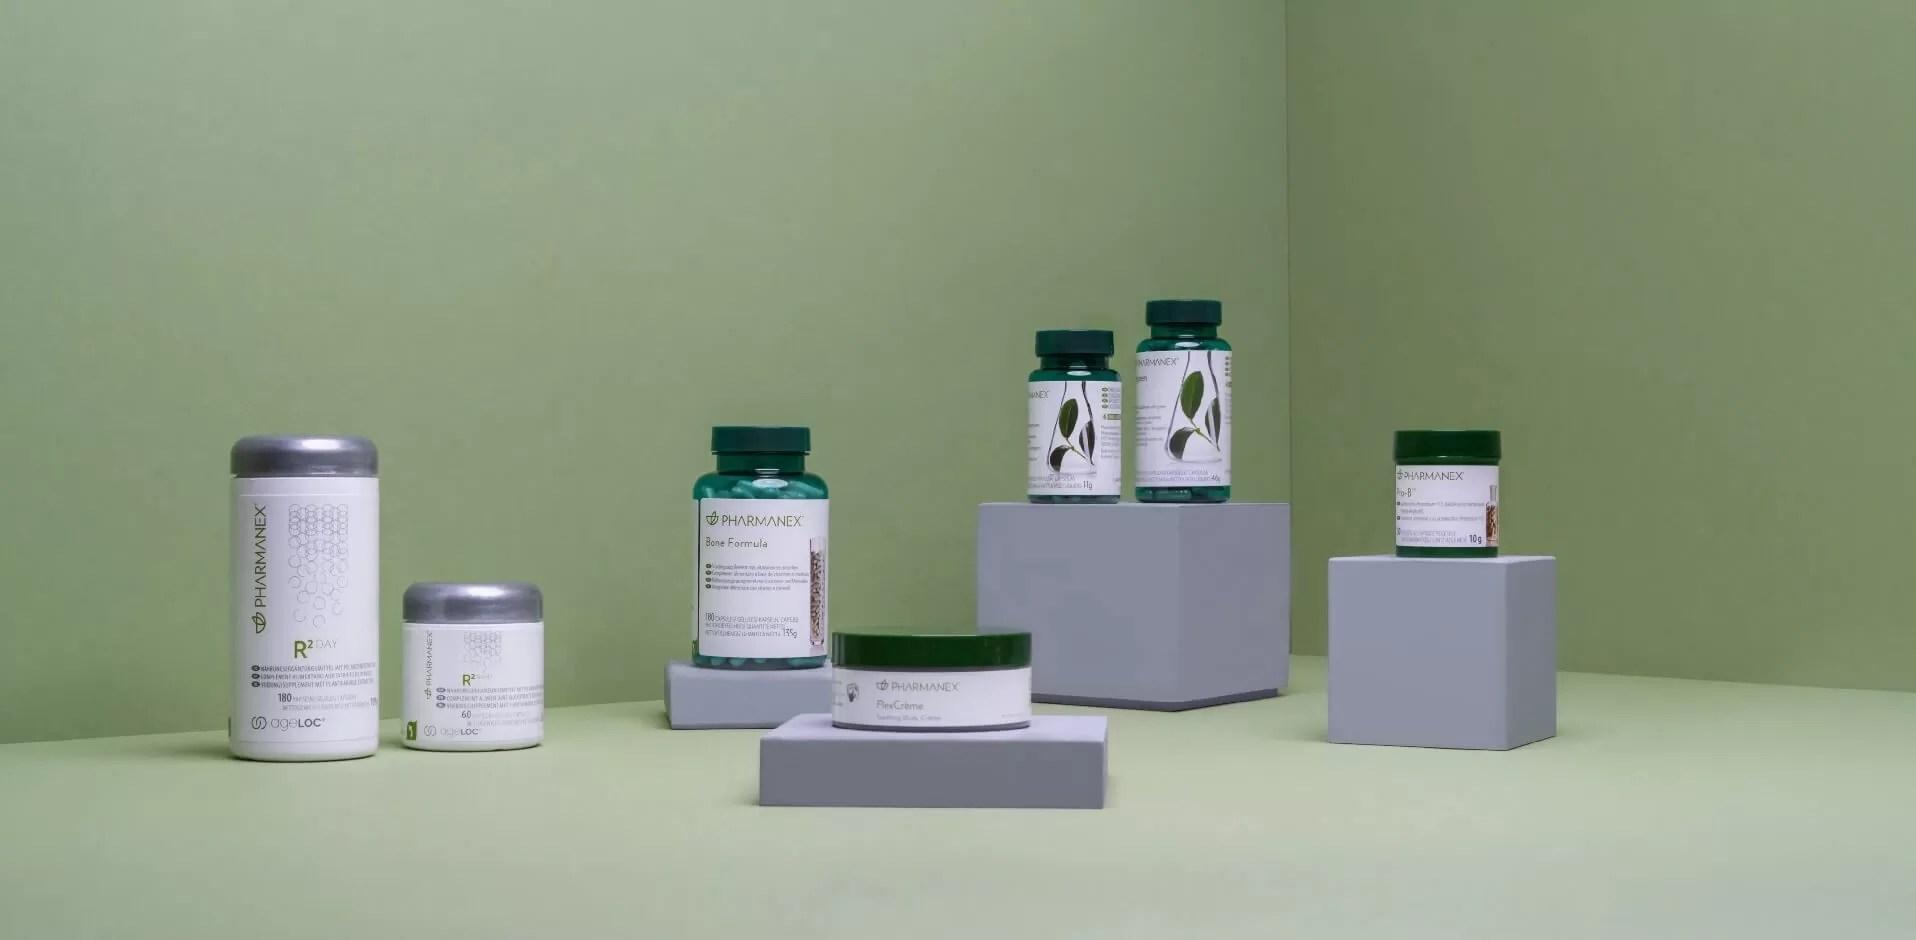 pharmanex-2